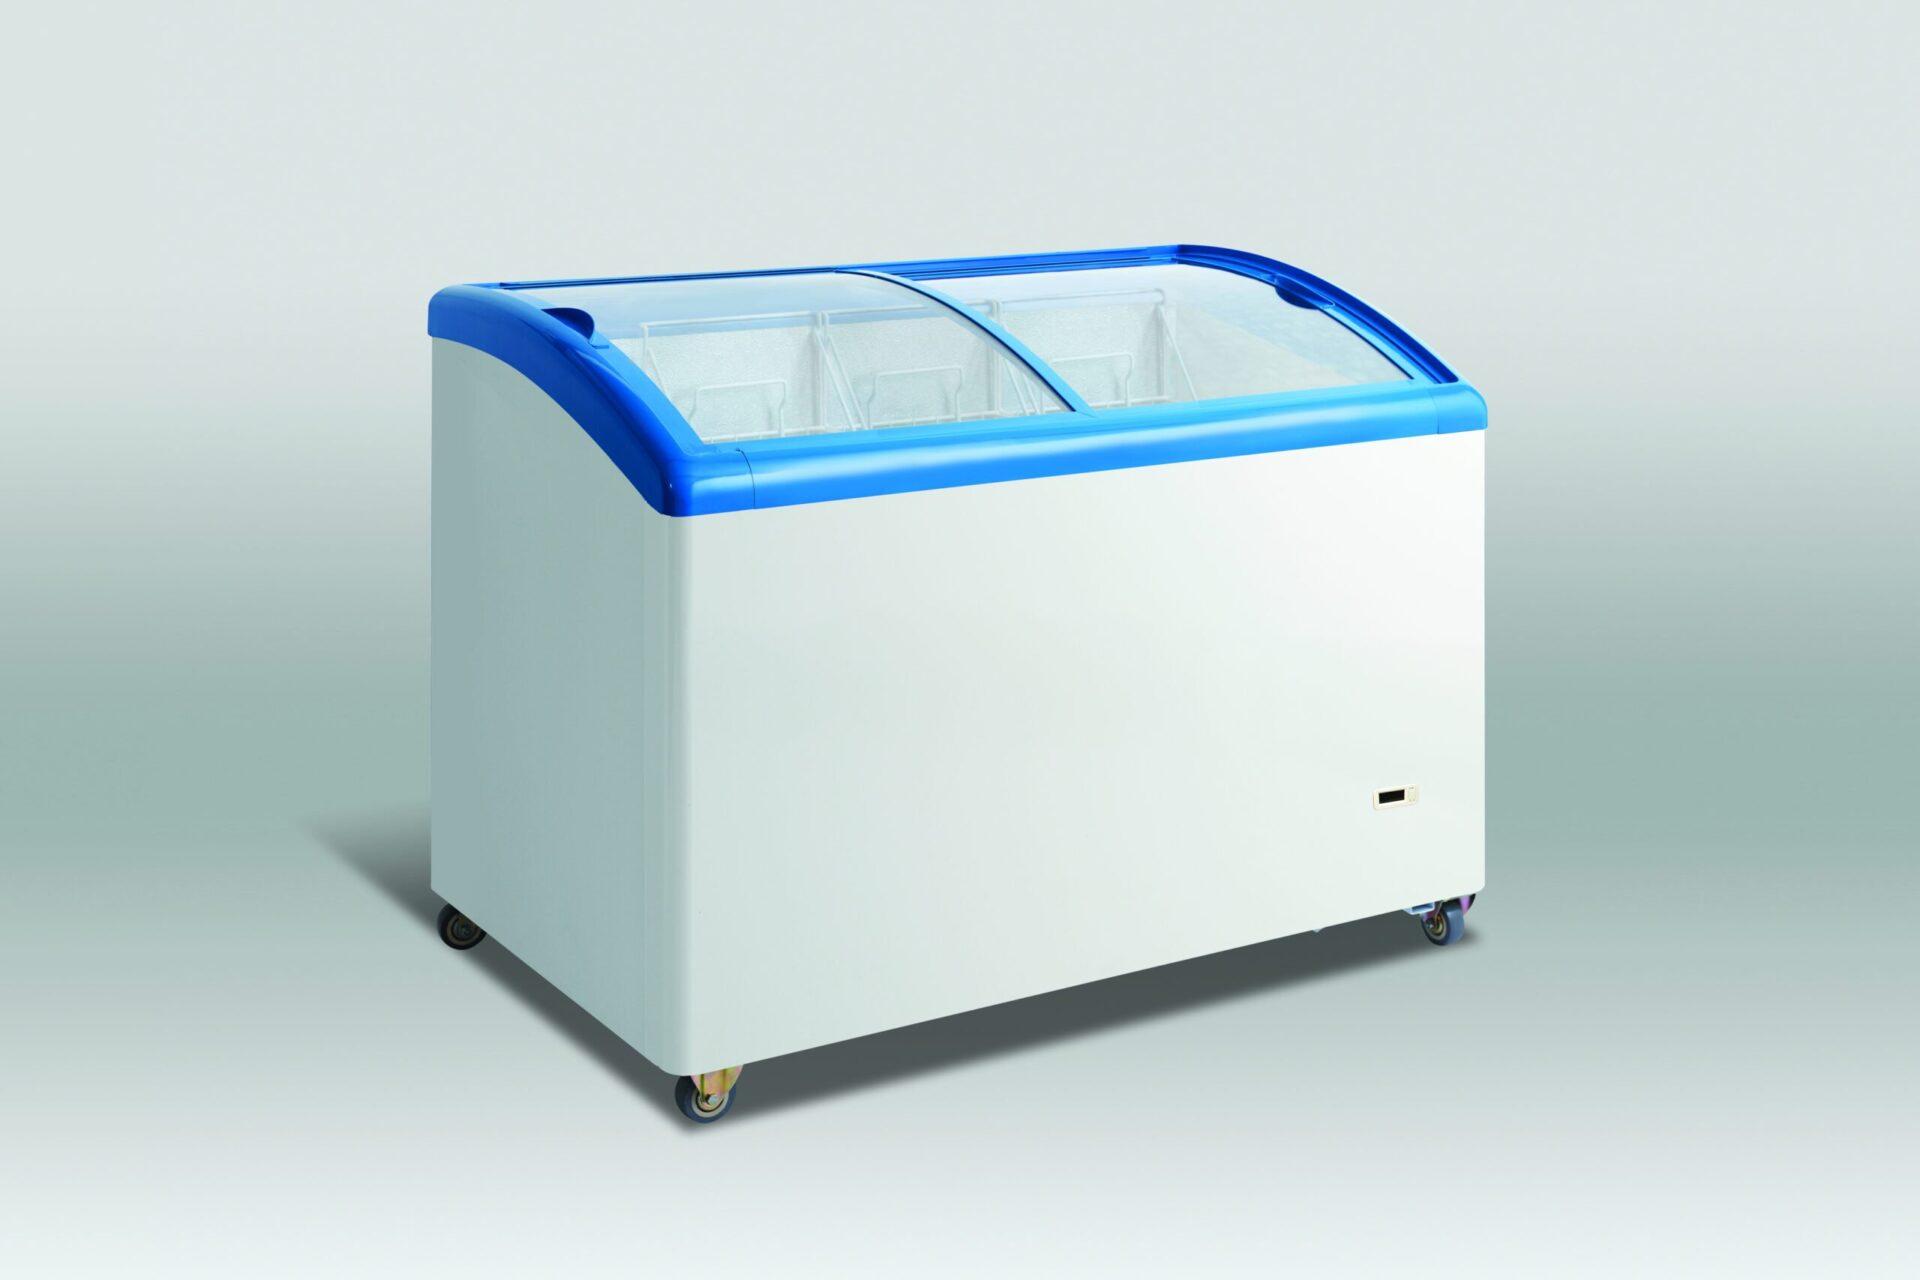 Displayfryser 238 liter, SCAN